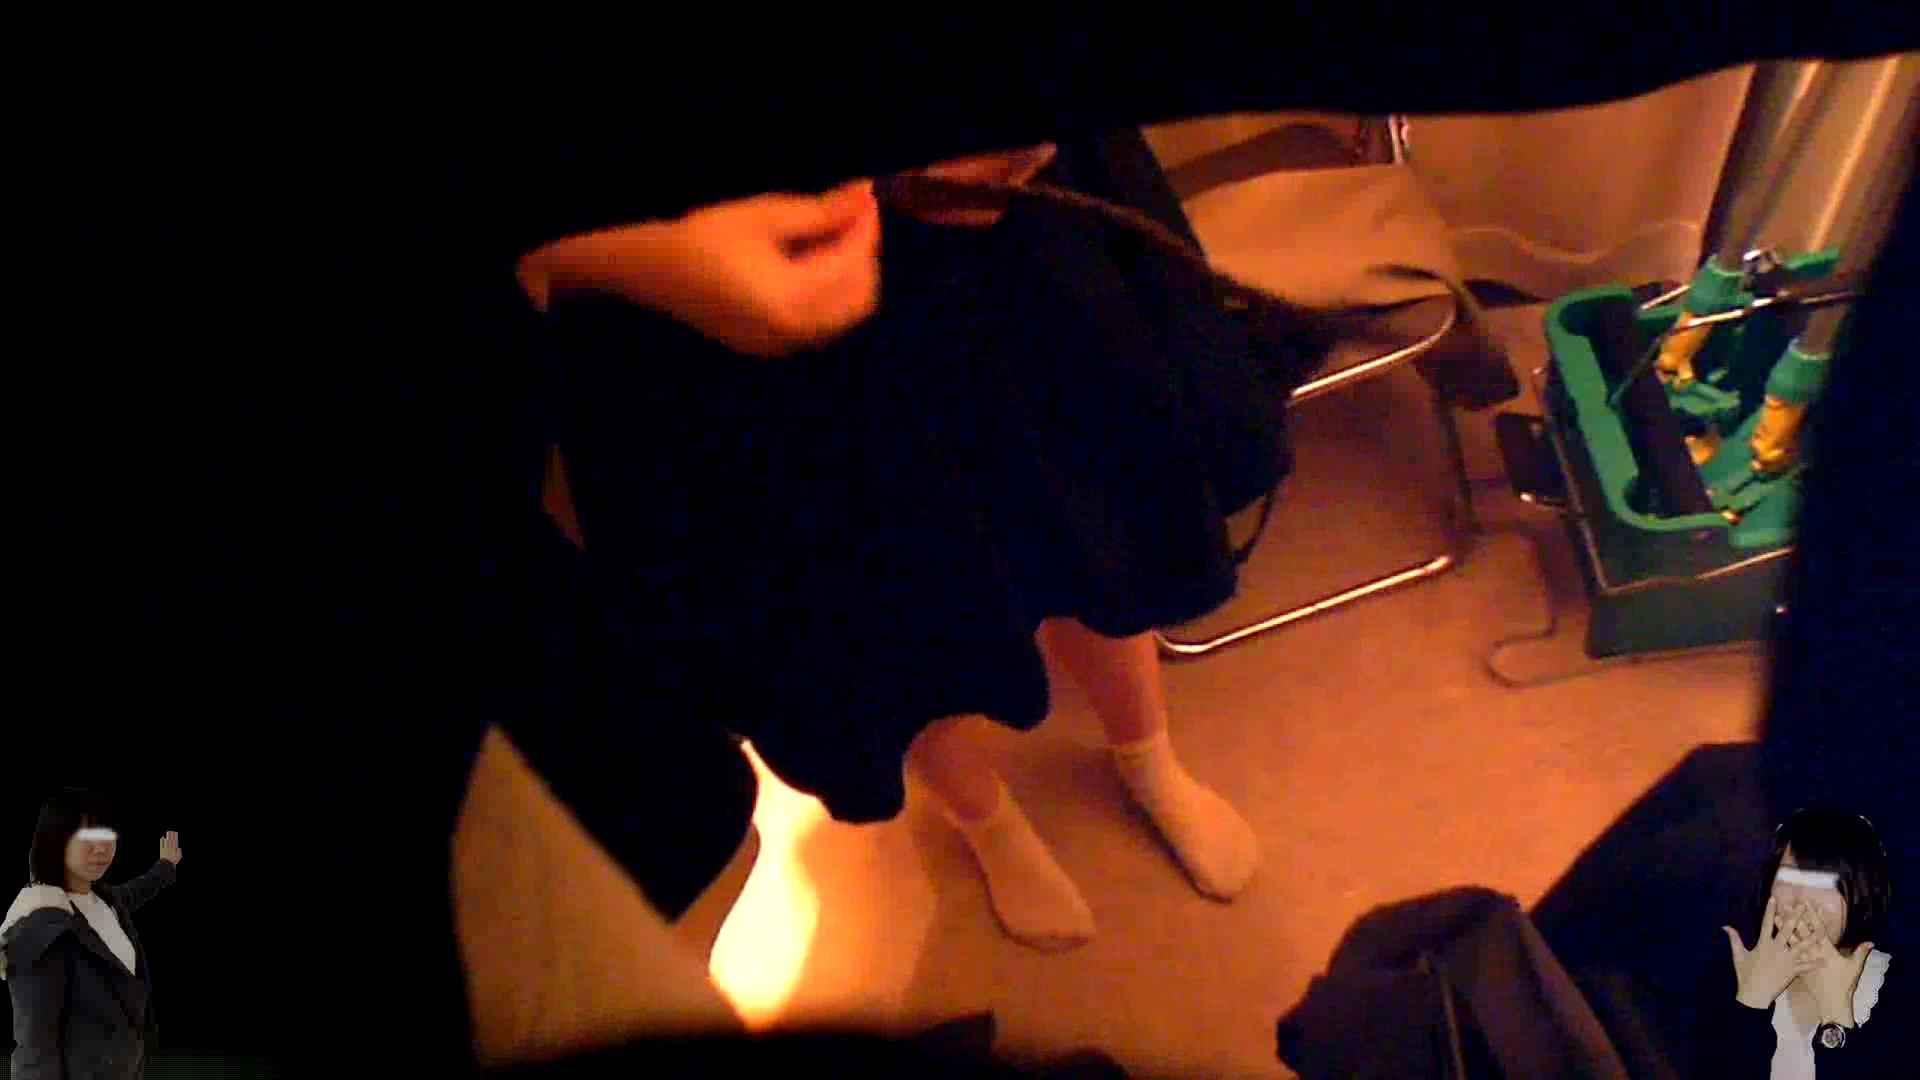 素人投稿 現役「JD」Eちゃんの着替え Vol.04 美しいOLの裸体  107pic 80